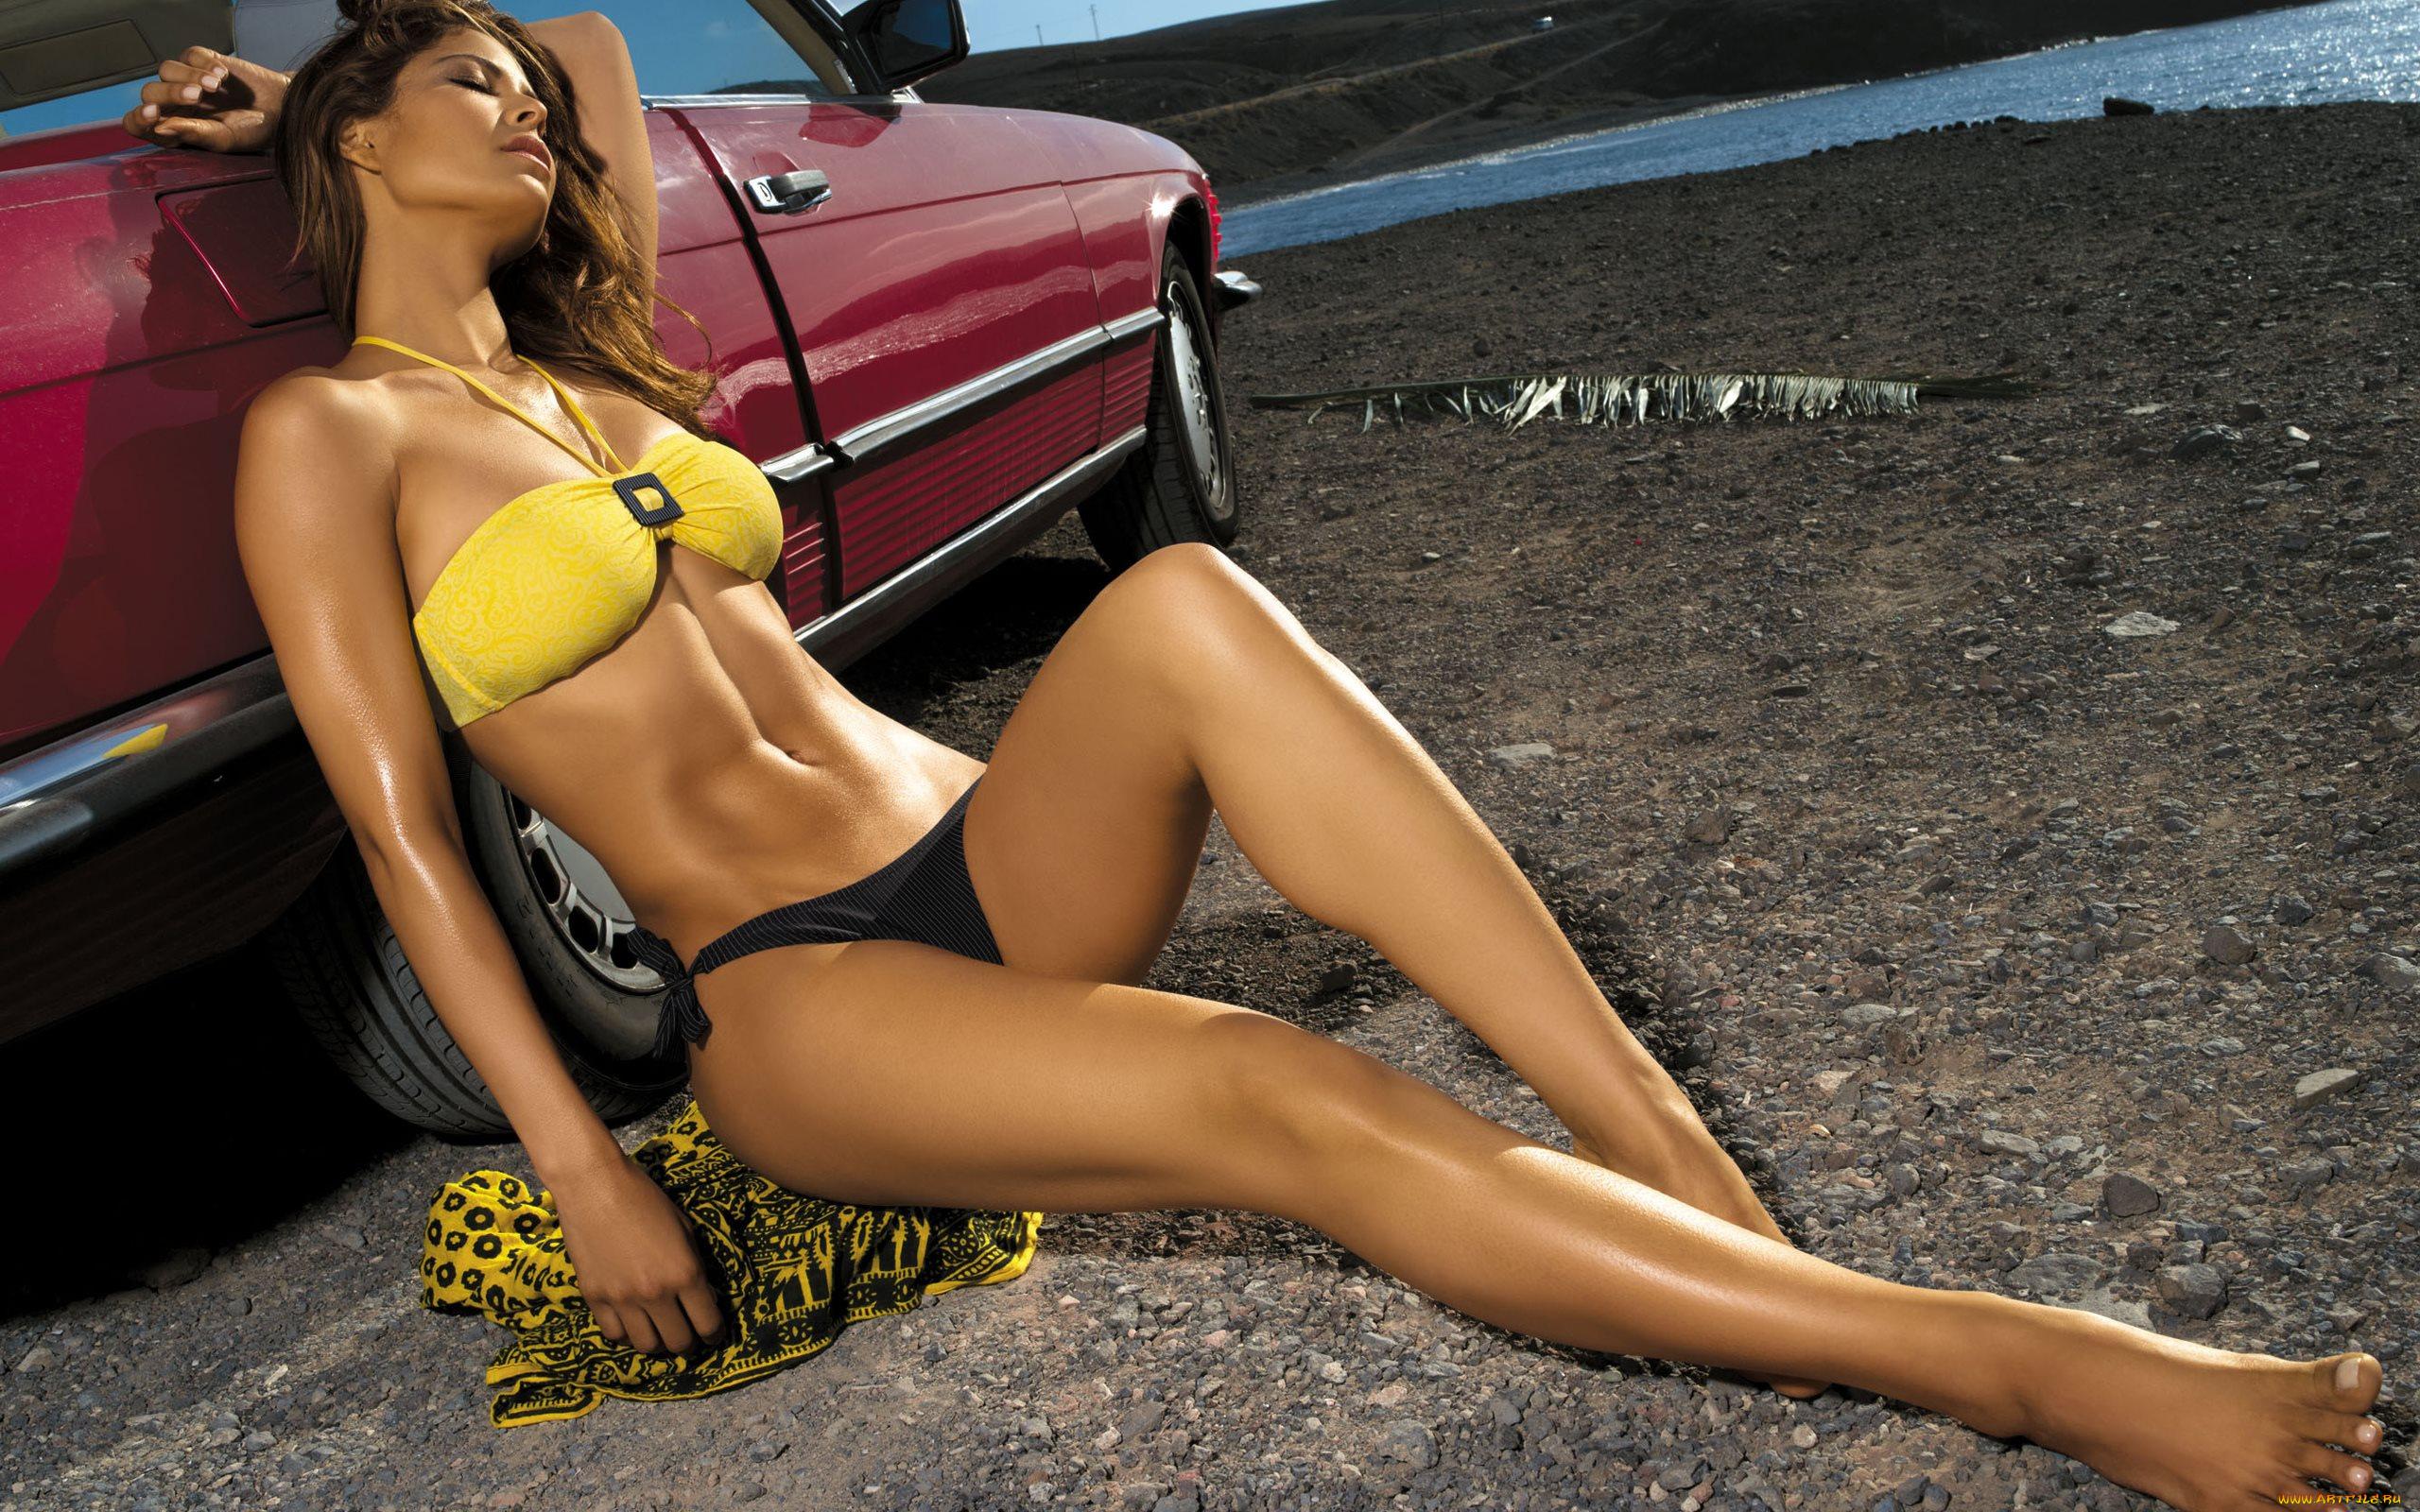 сюжеты все фото девушек в купальниках около машины так она